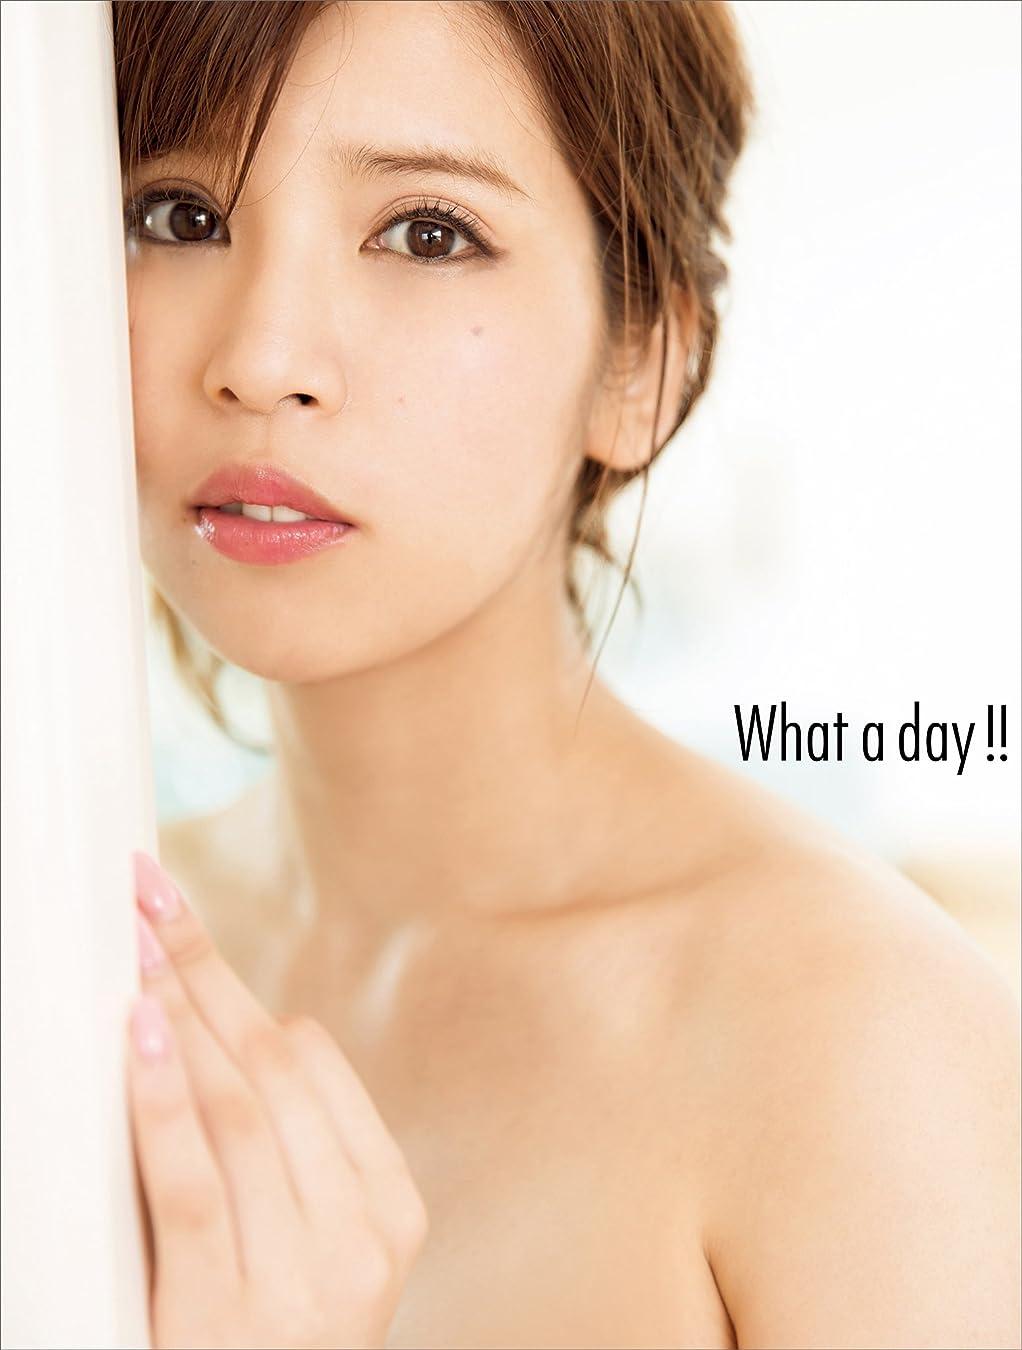 階層蒸発立証する坂口杏里改めANRI写真集『What a day!!』